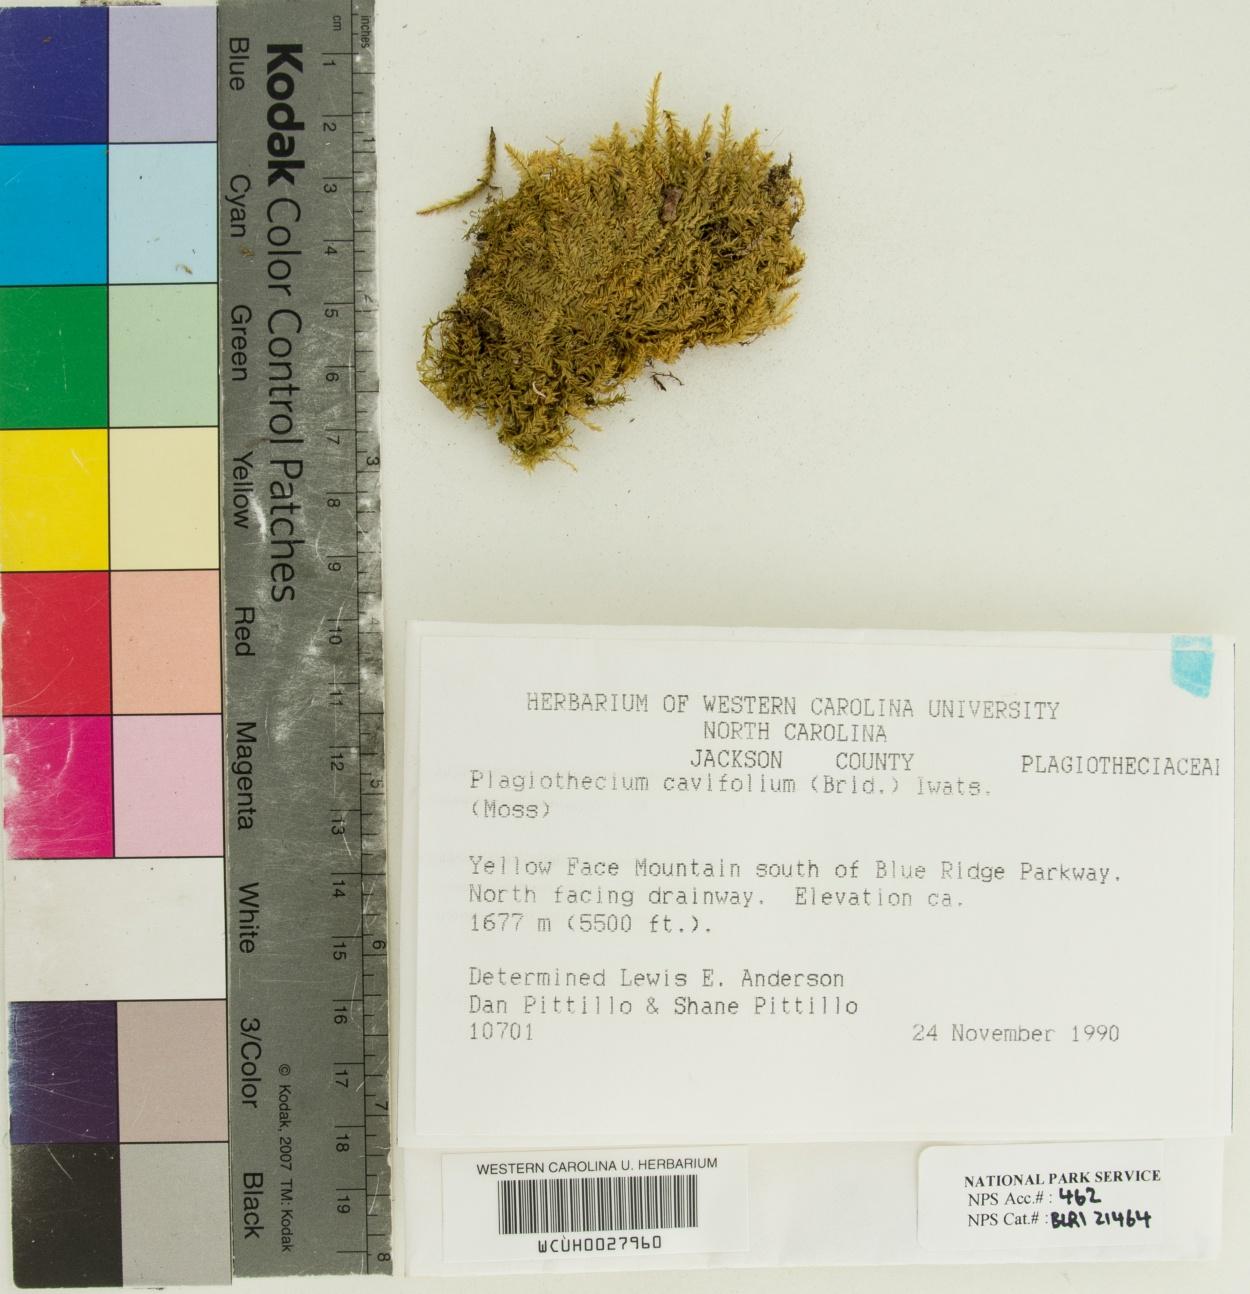 Plagiothecium cavifolium image